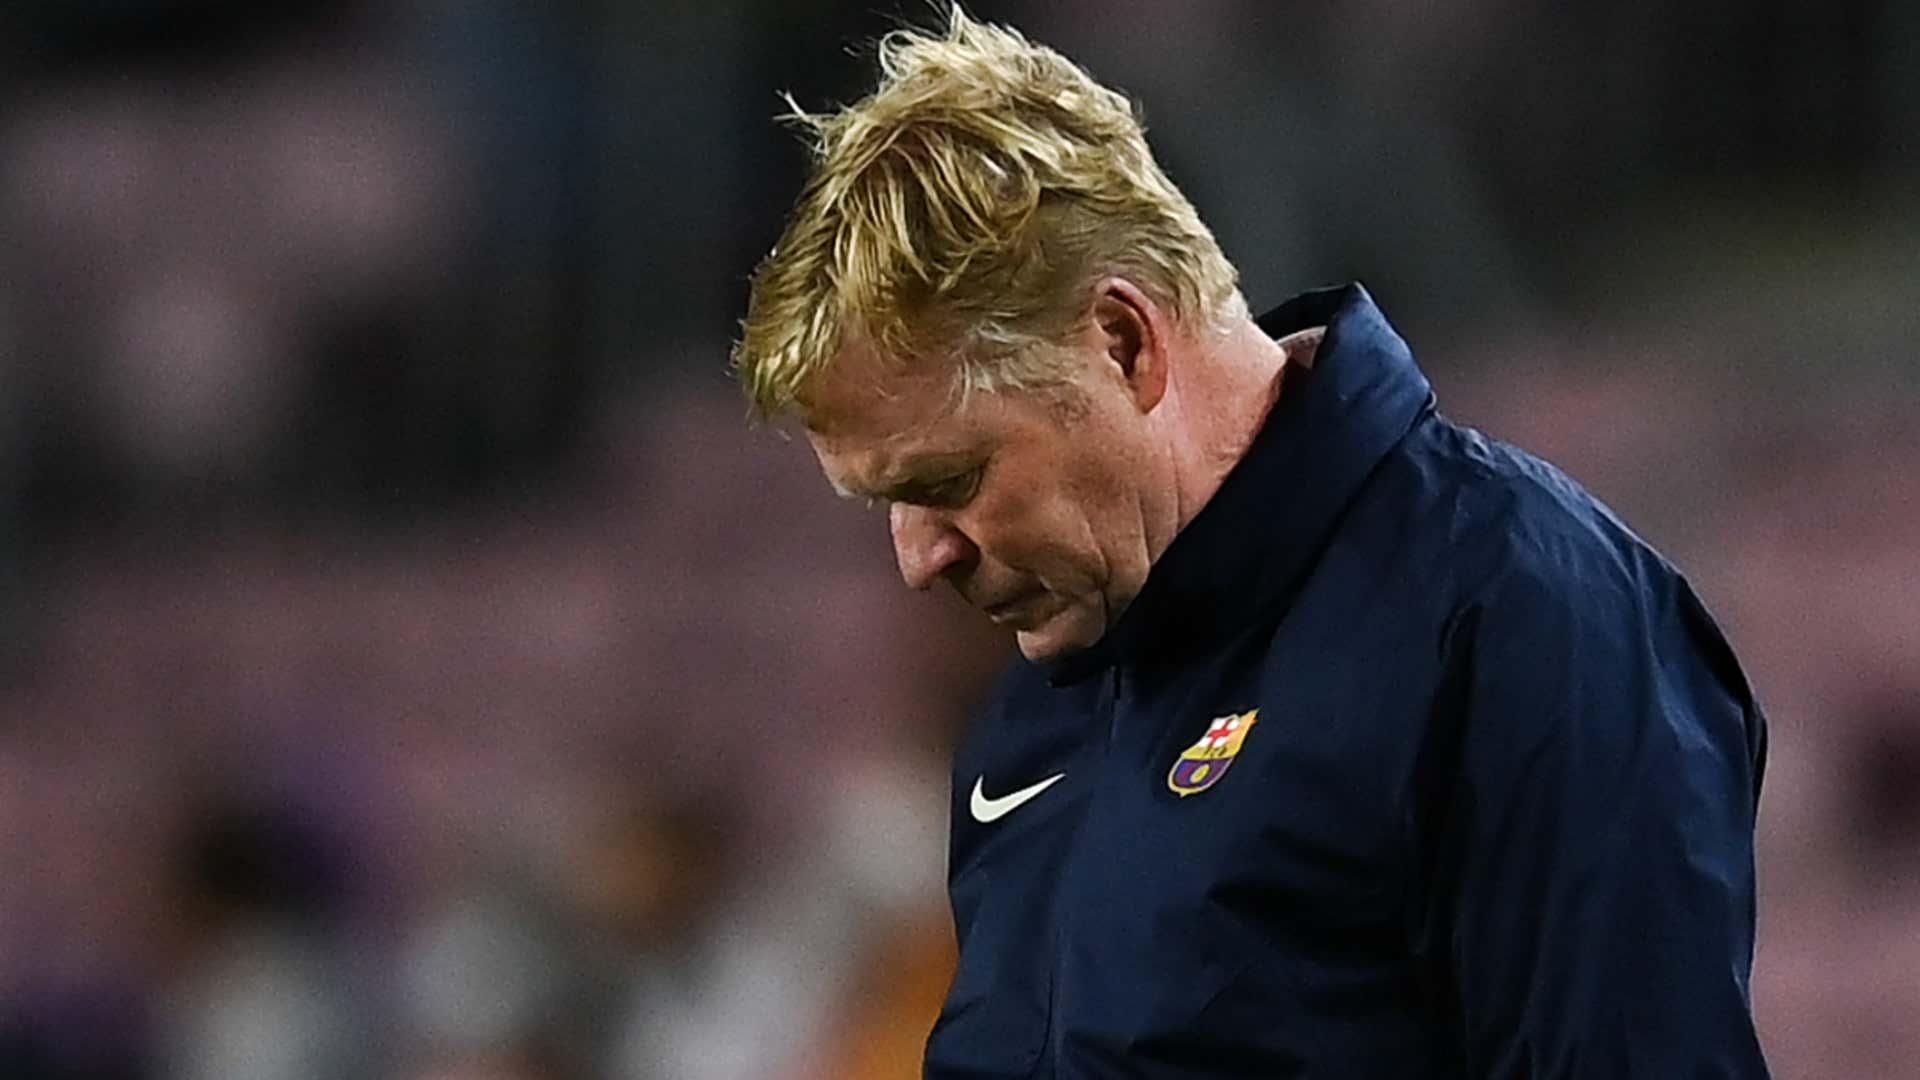 Unzufriedene Barca-Fans gehen Ronald Koeman nach Clasico-Pleite an | Goal.com